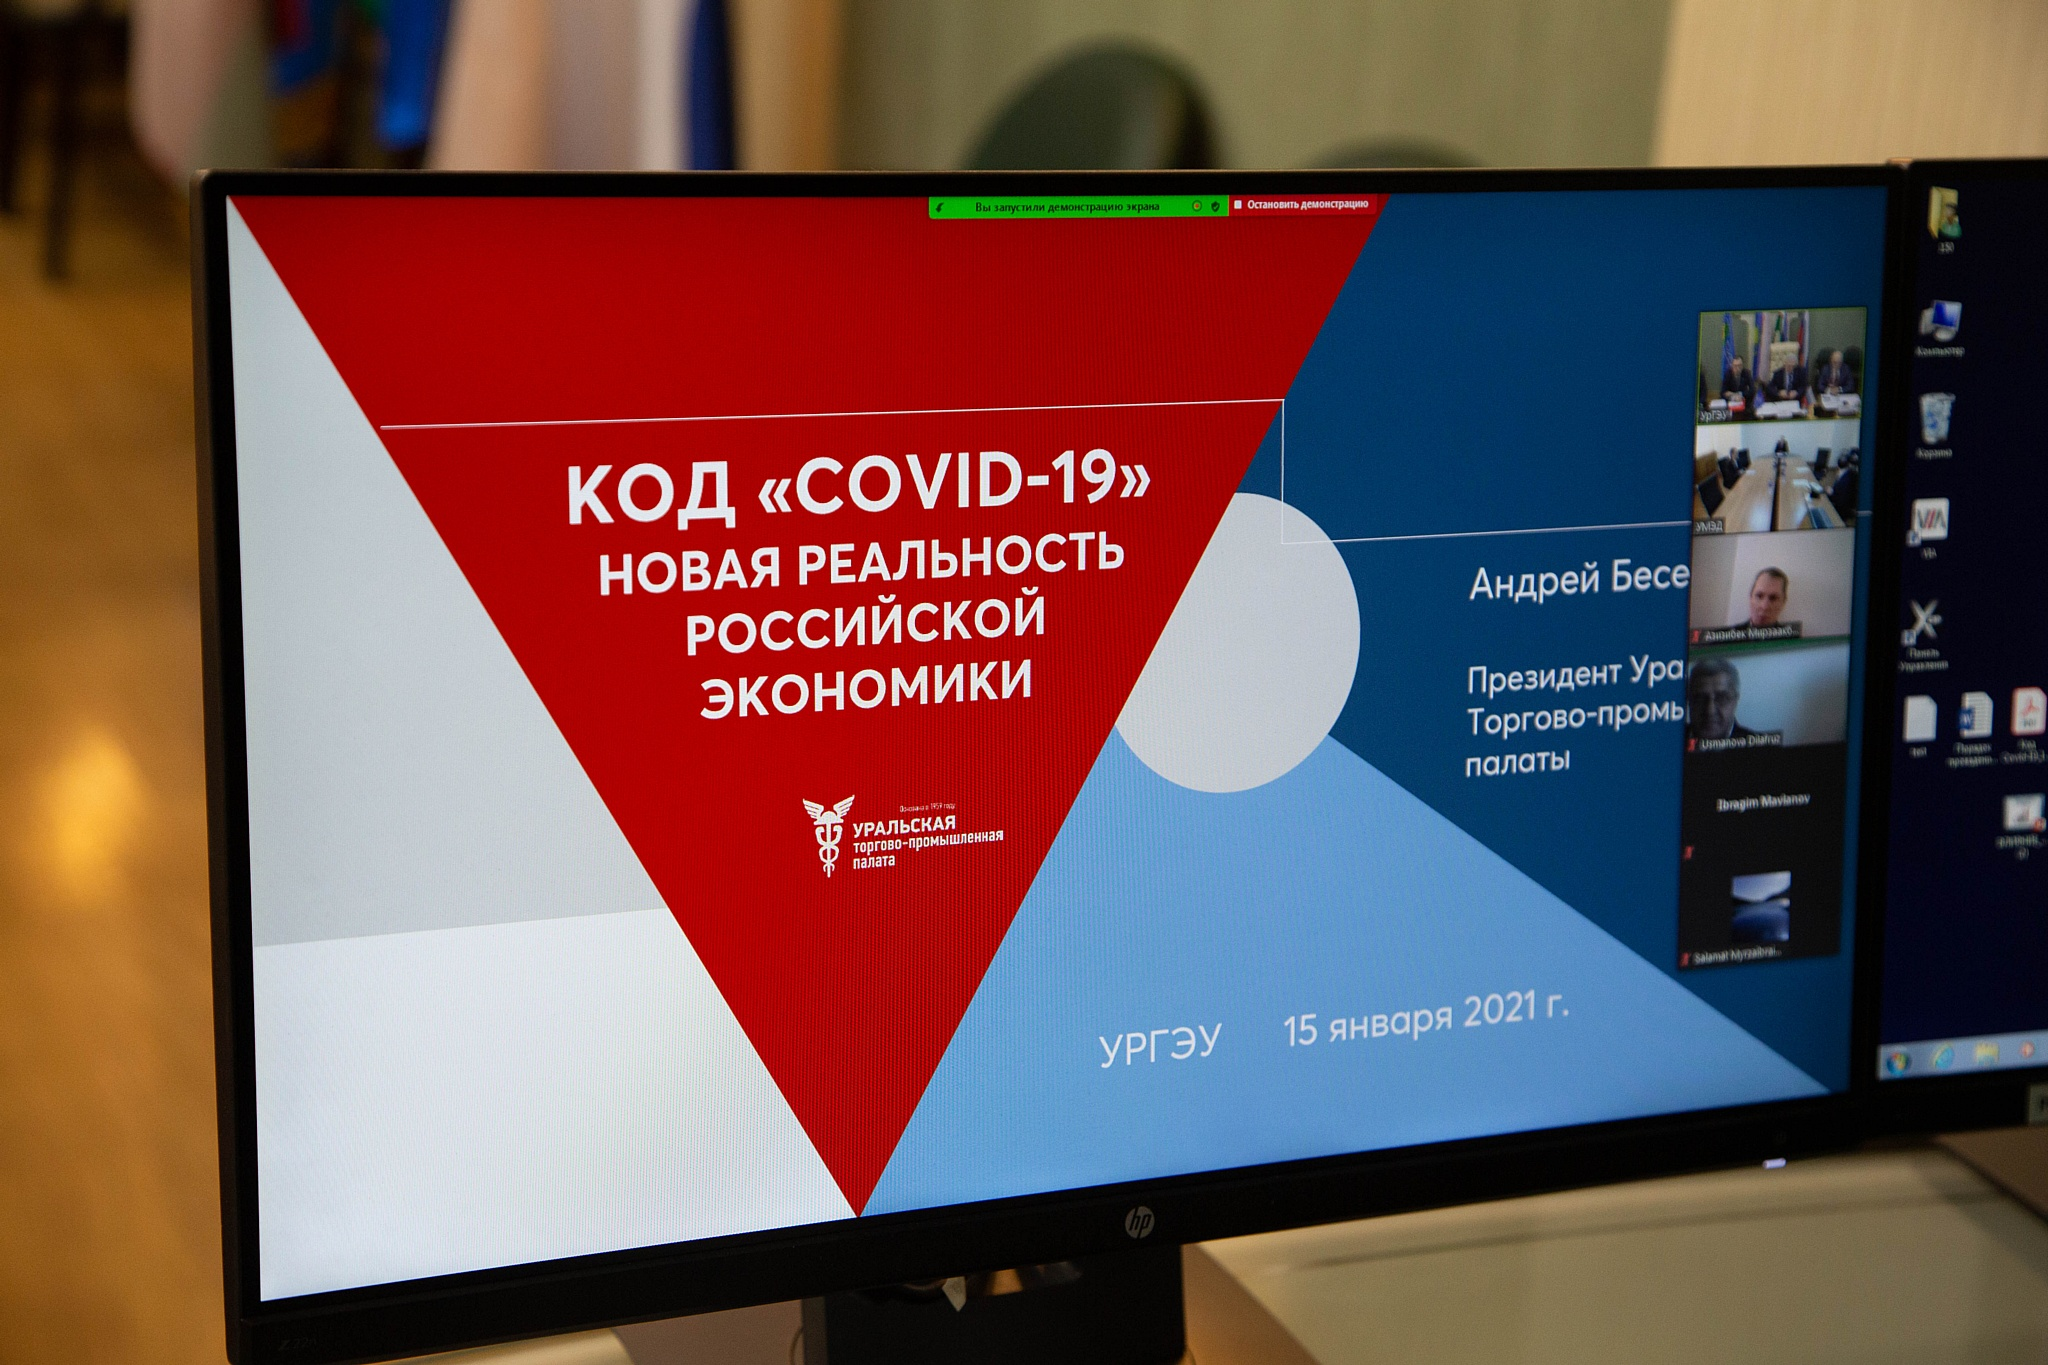 В УрГЭУ состоялась Международная онлайн-конференция